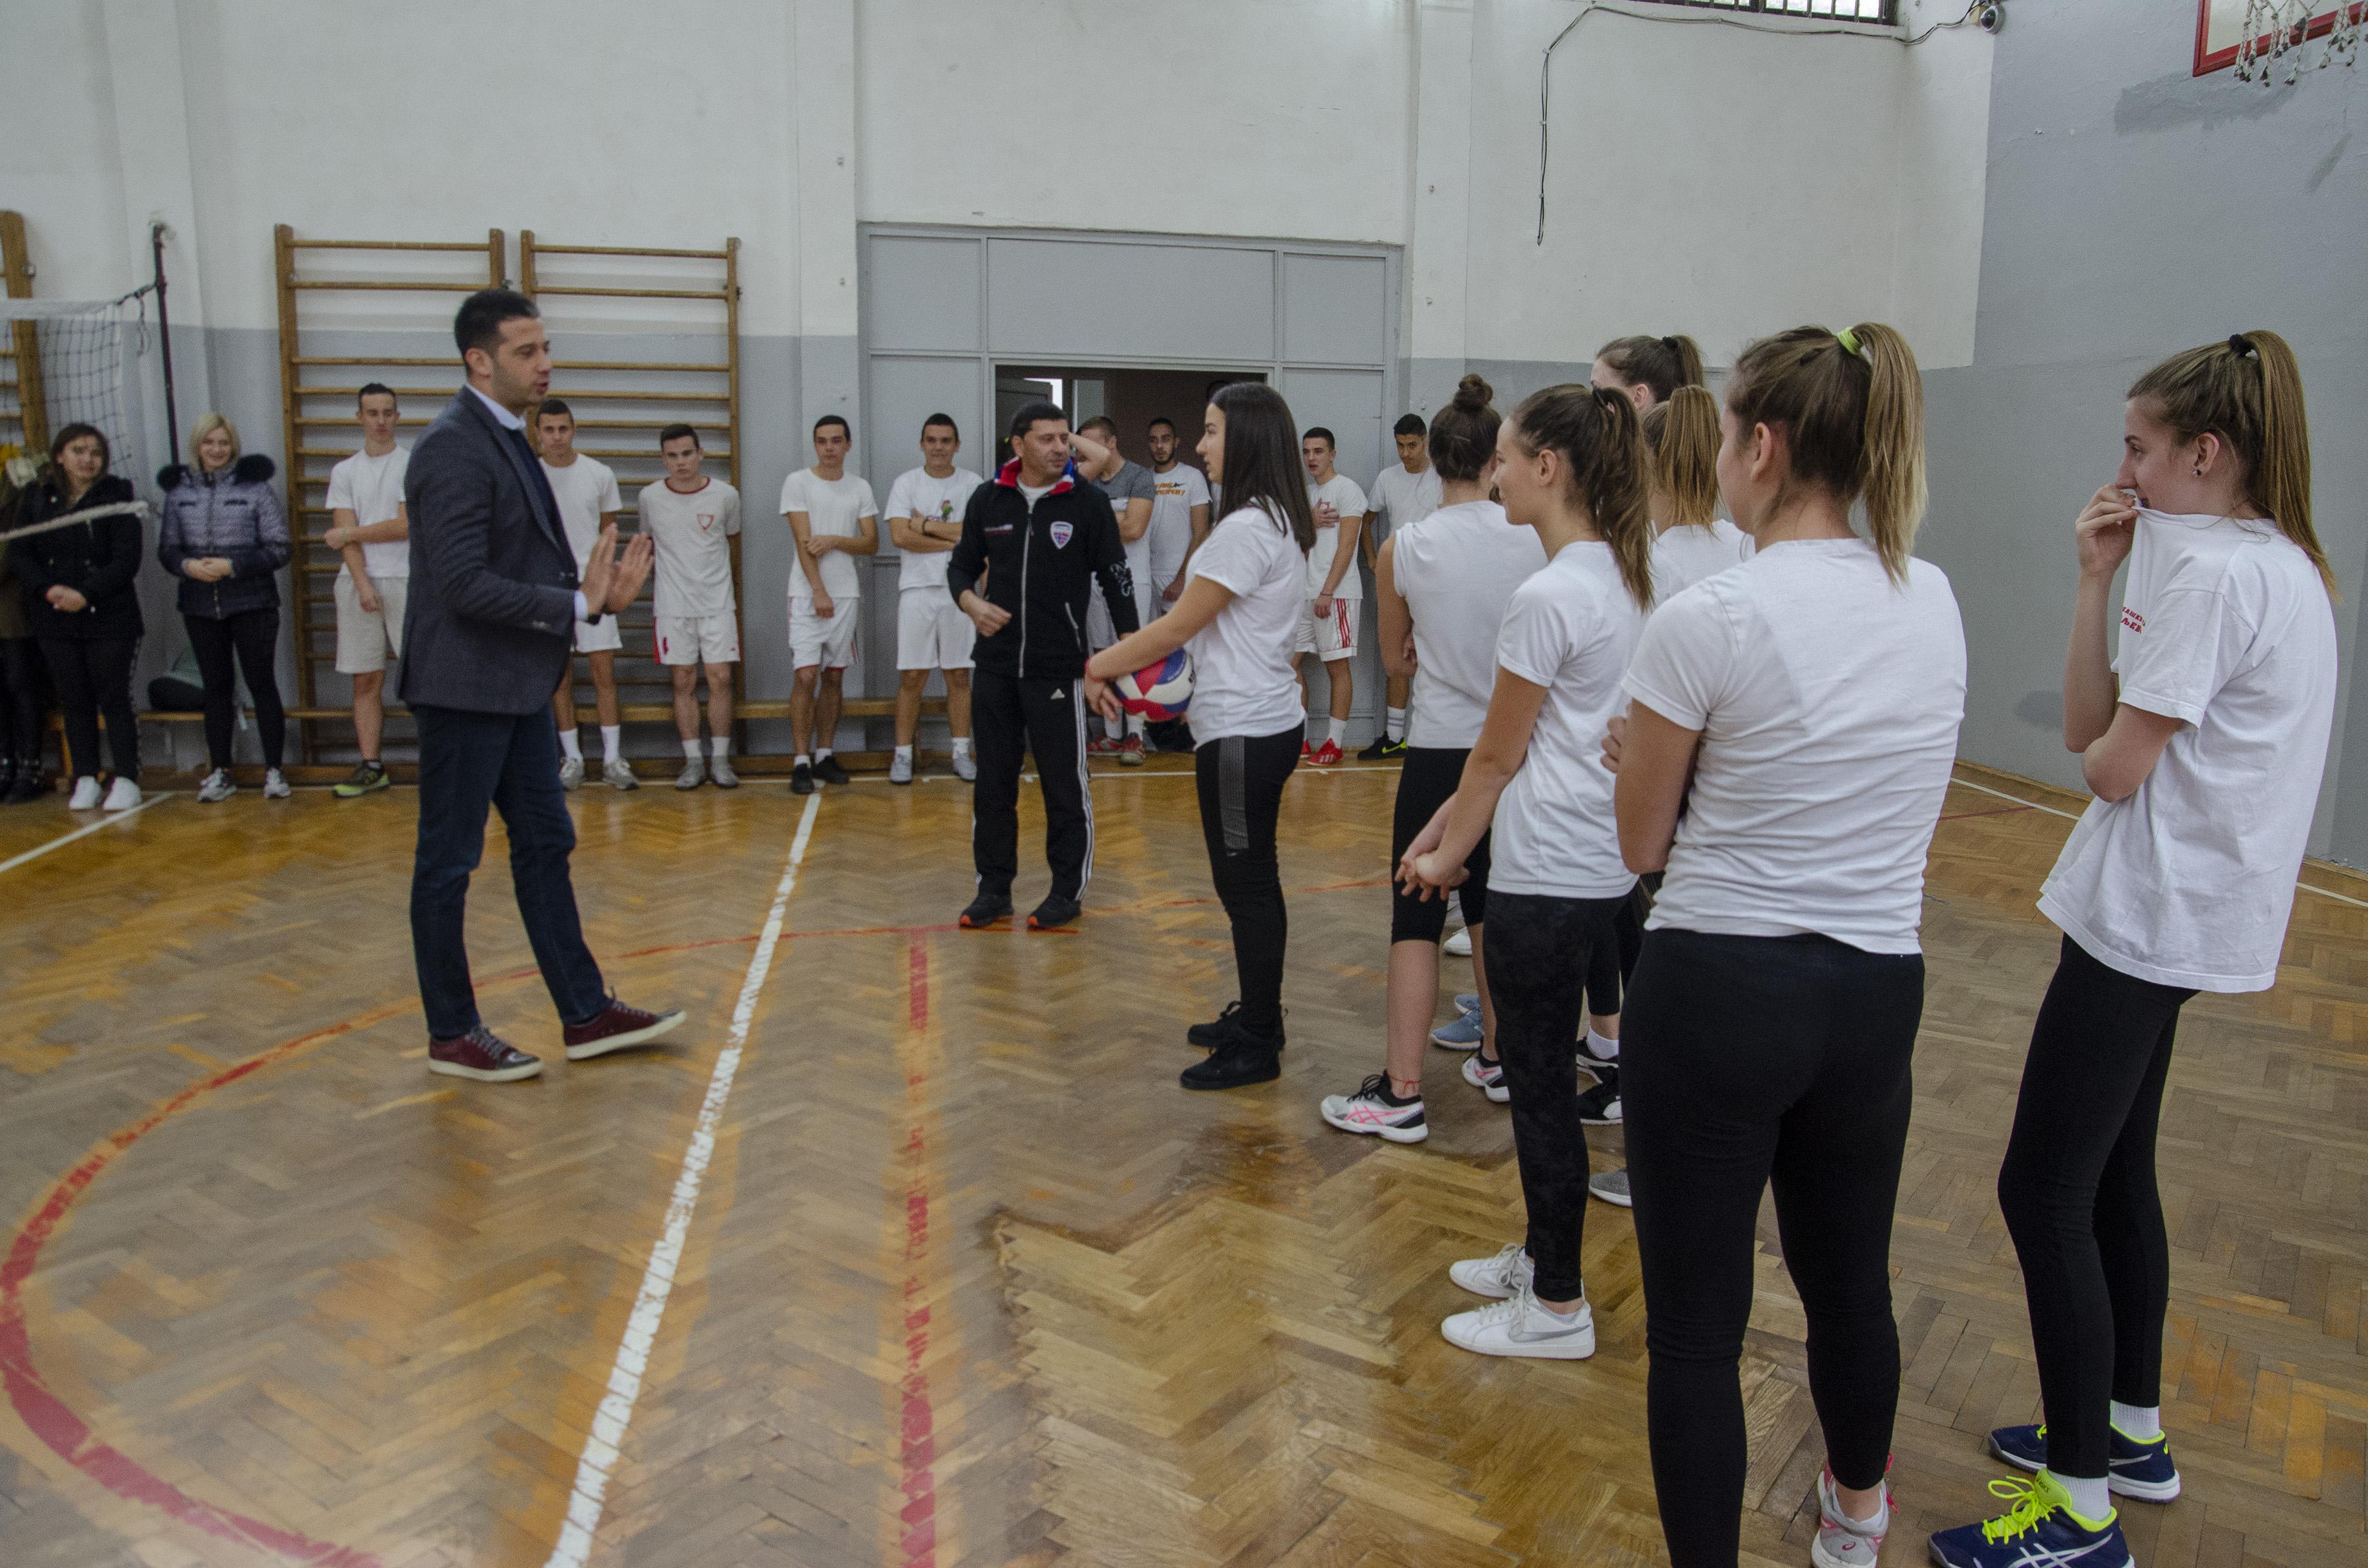 Министар Удовичић посетио општину Уб, дружио се са ђацима и уручио им спортску опрему и реквизите